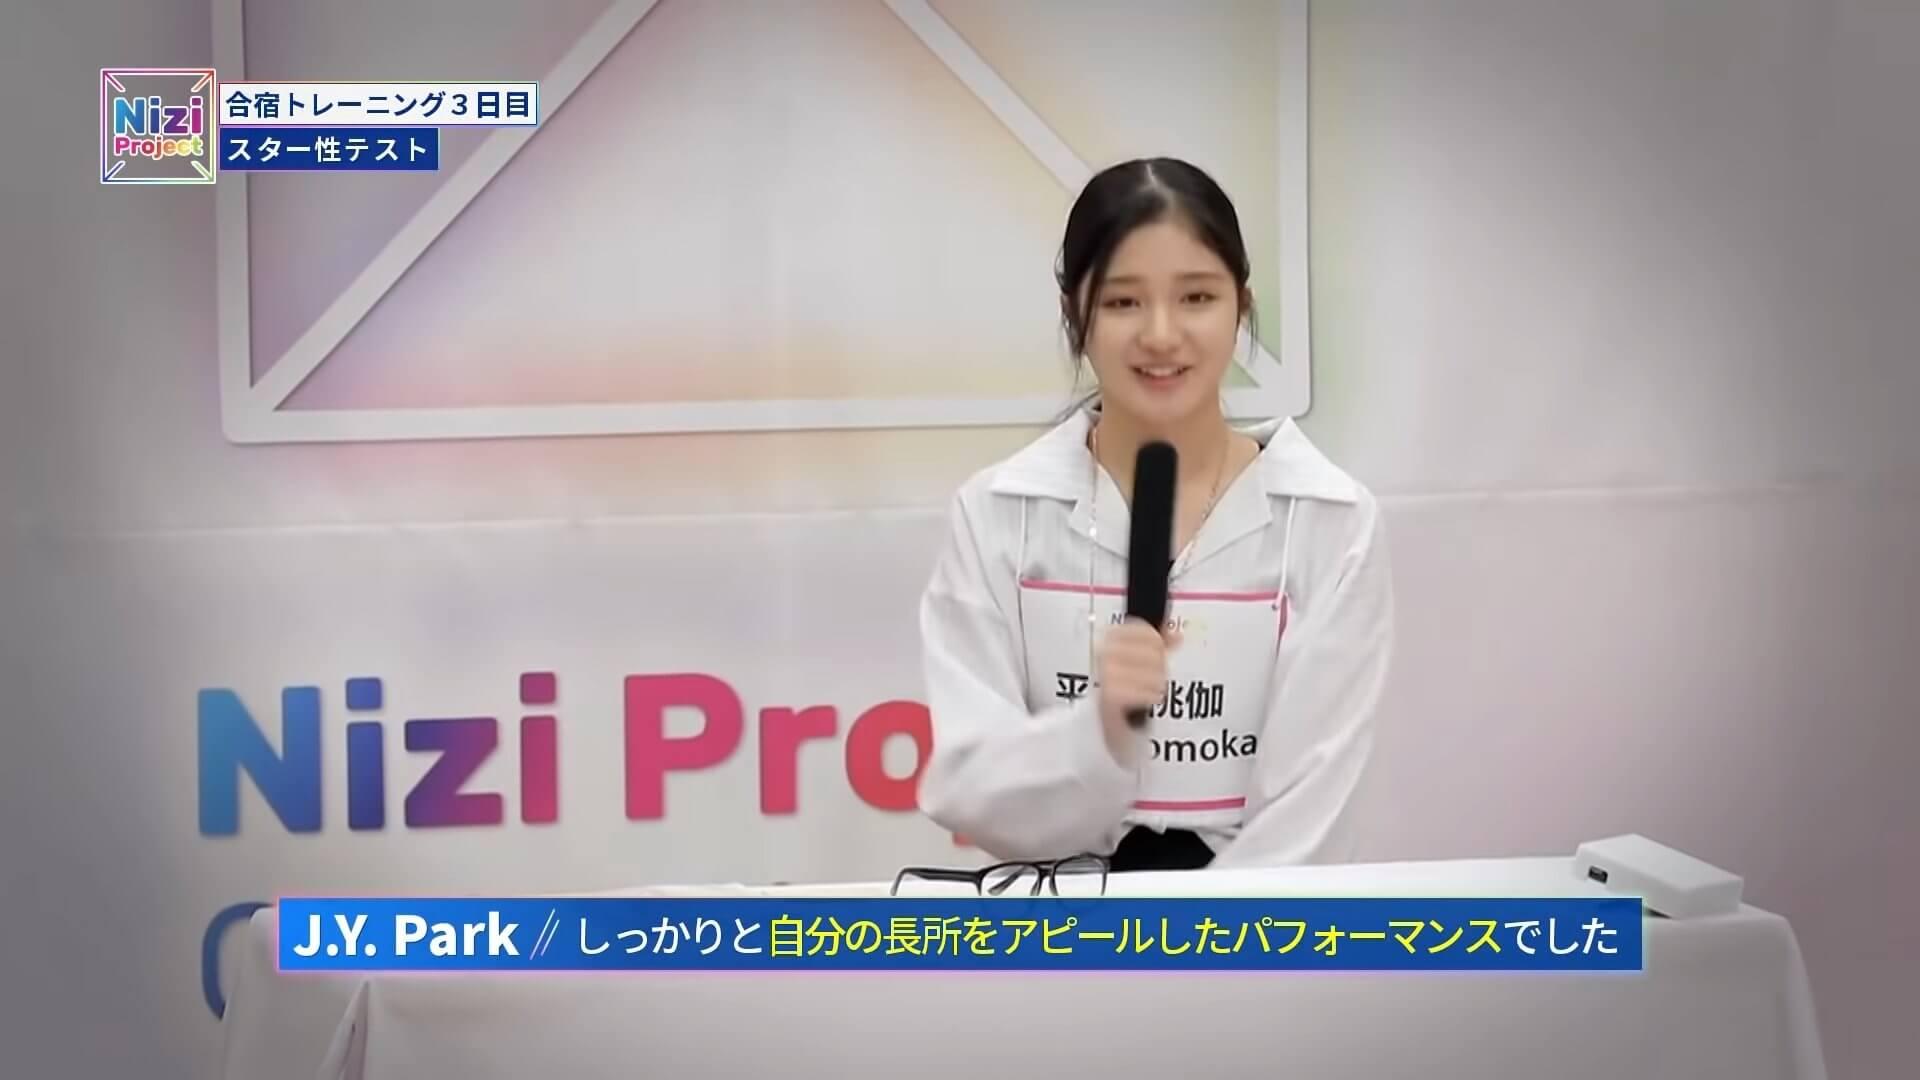 プロ ももか 虹 NiziUデビューメンバーや人気順!プロフィールまとめ【虹プロ】落ちたのは…!?|KOREANROOM